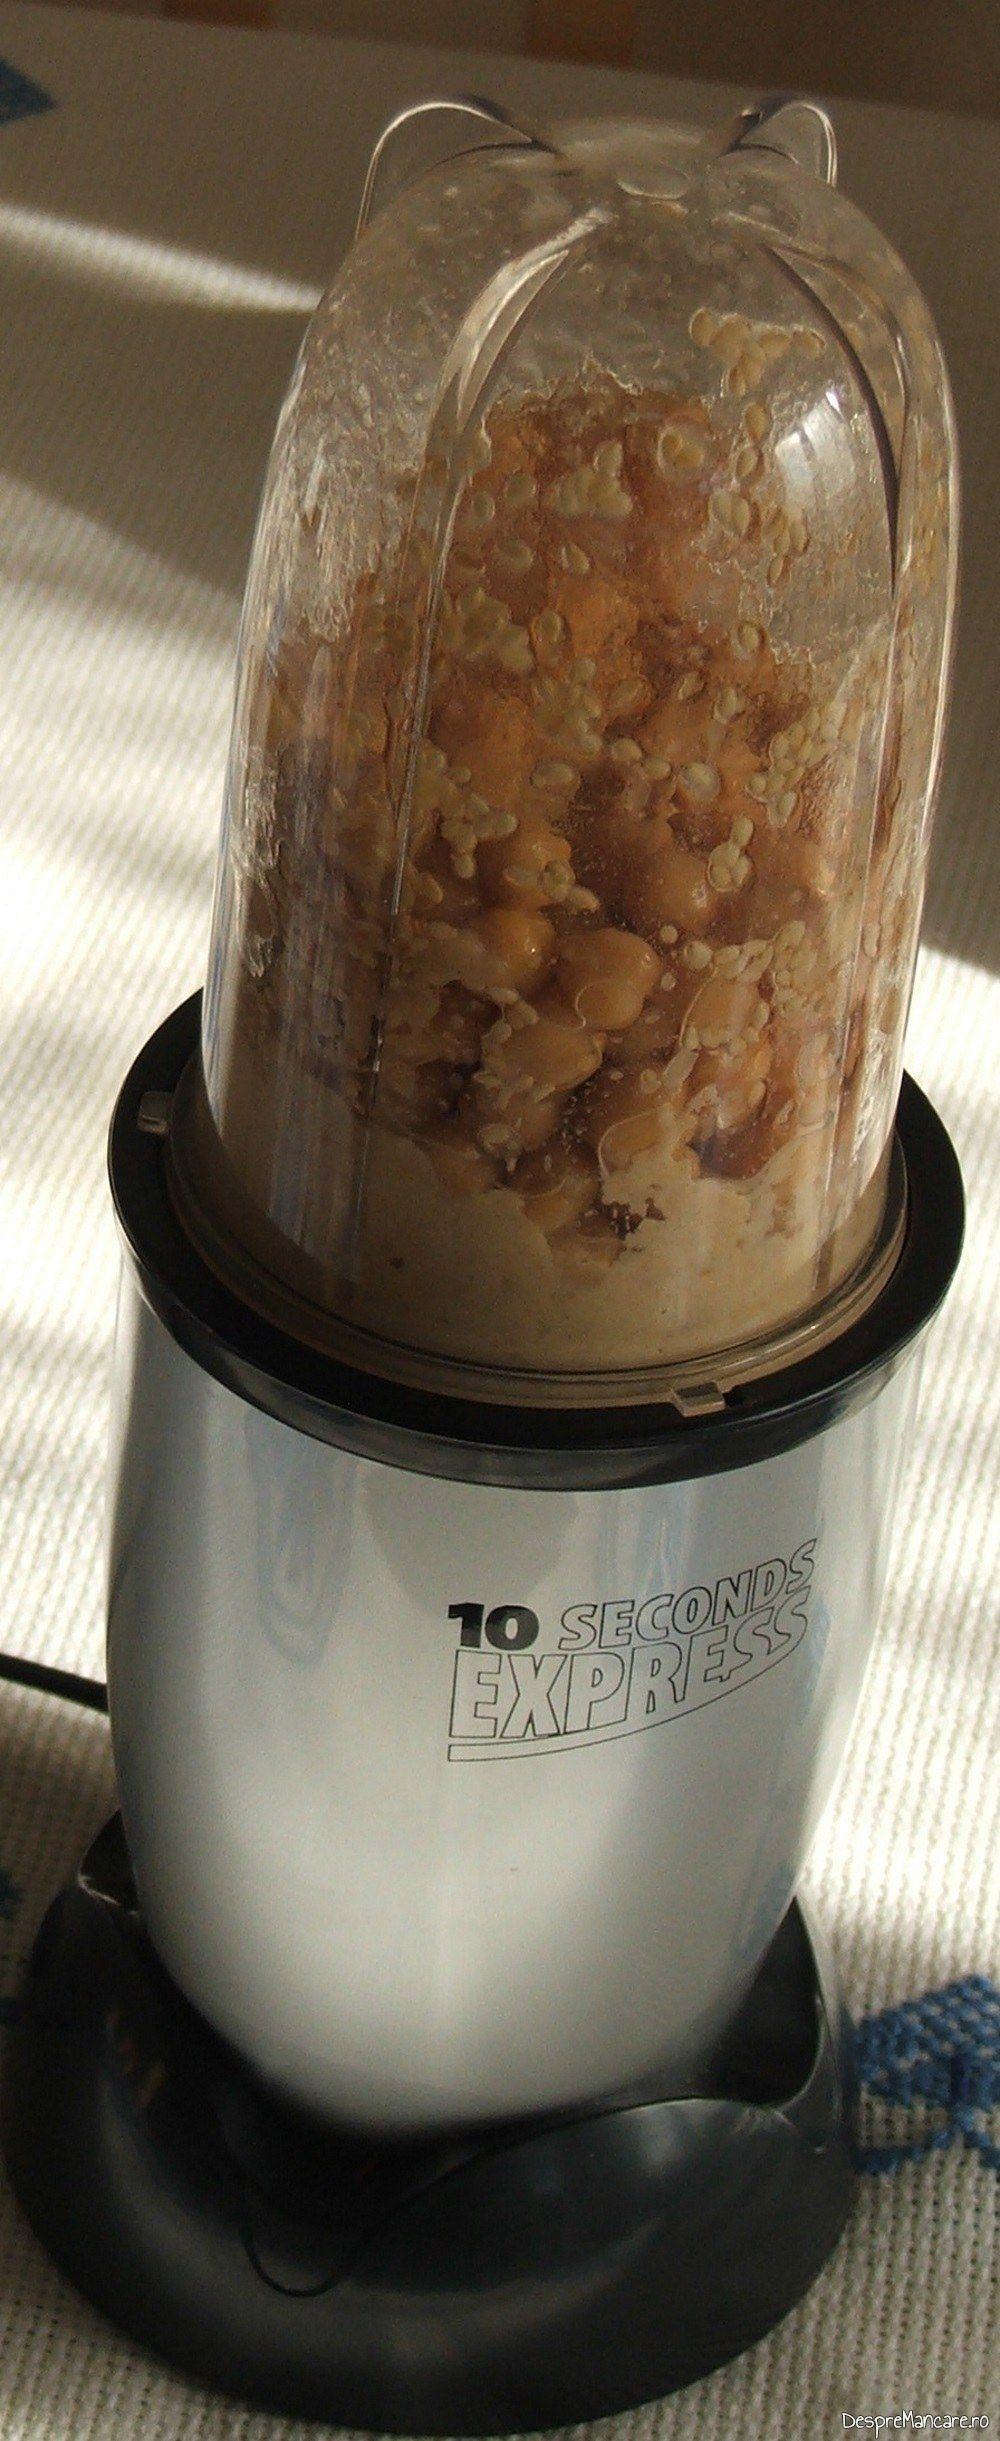 Pregatire humus in blender pentru garnitura la ficatei de gasca cu humus.